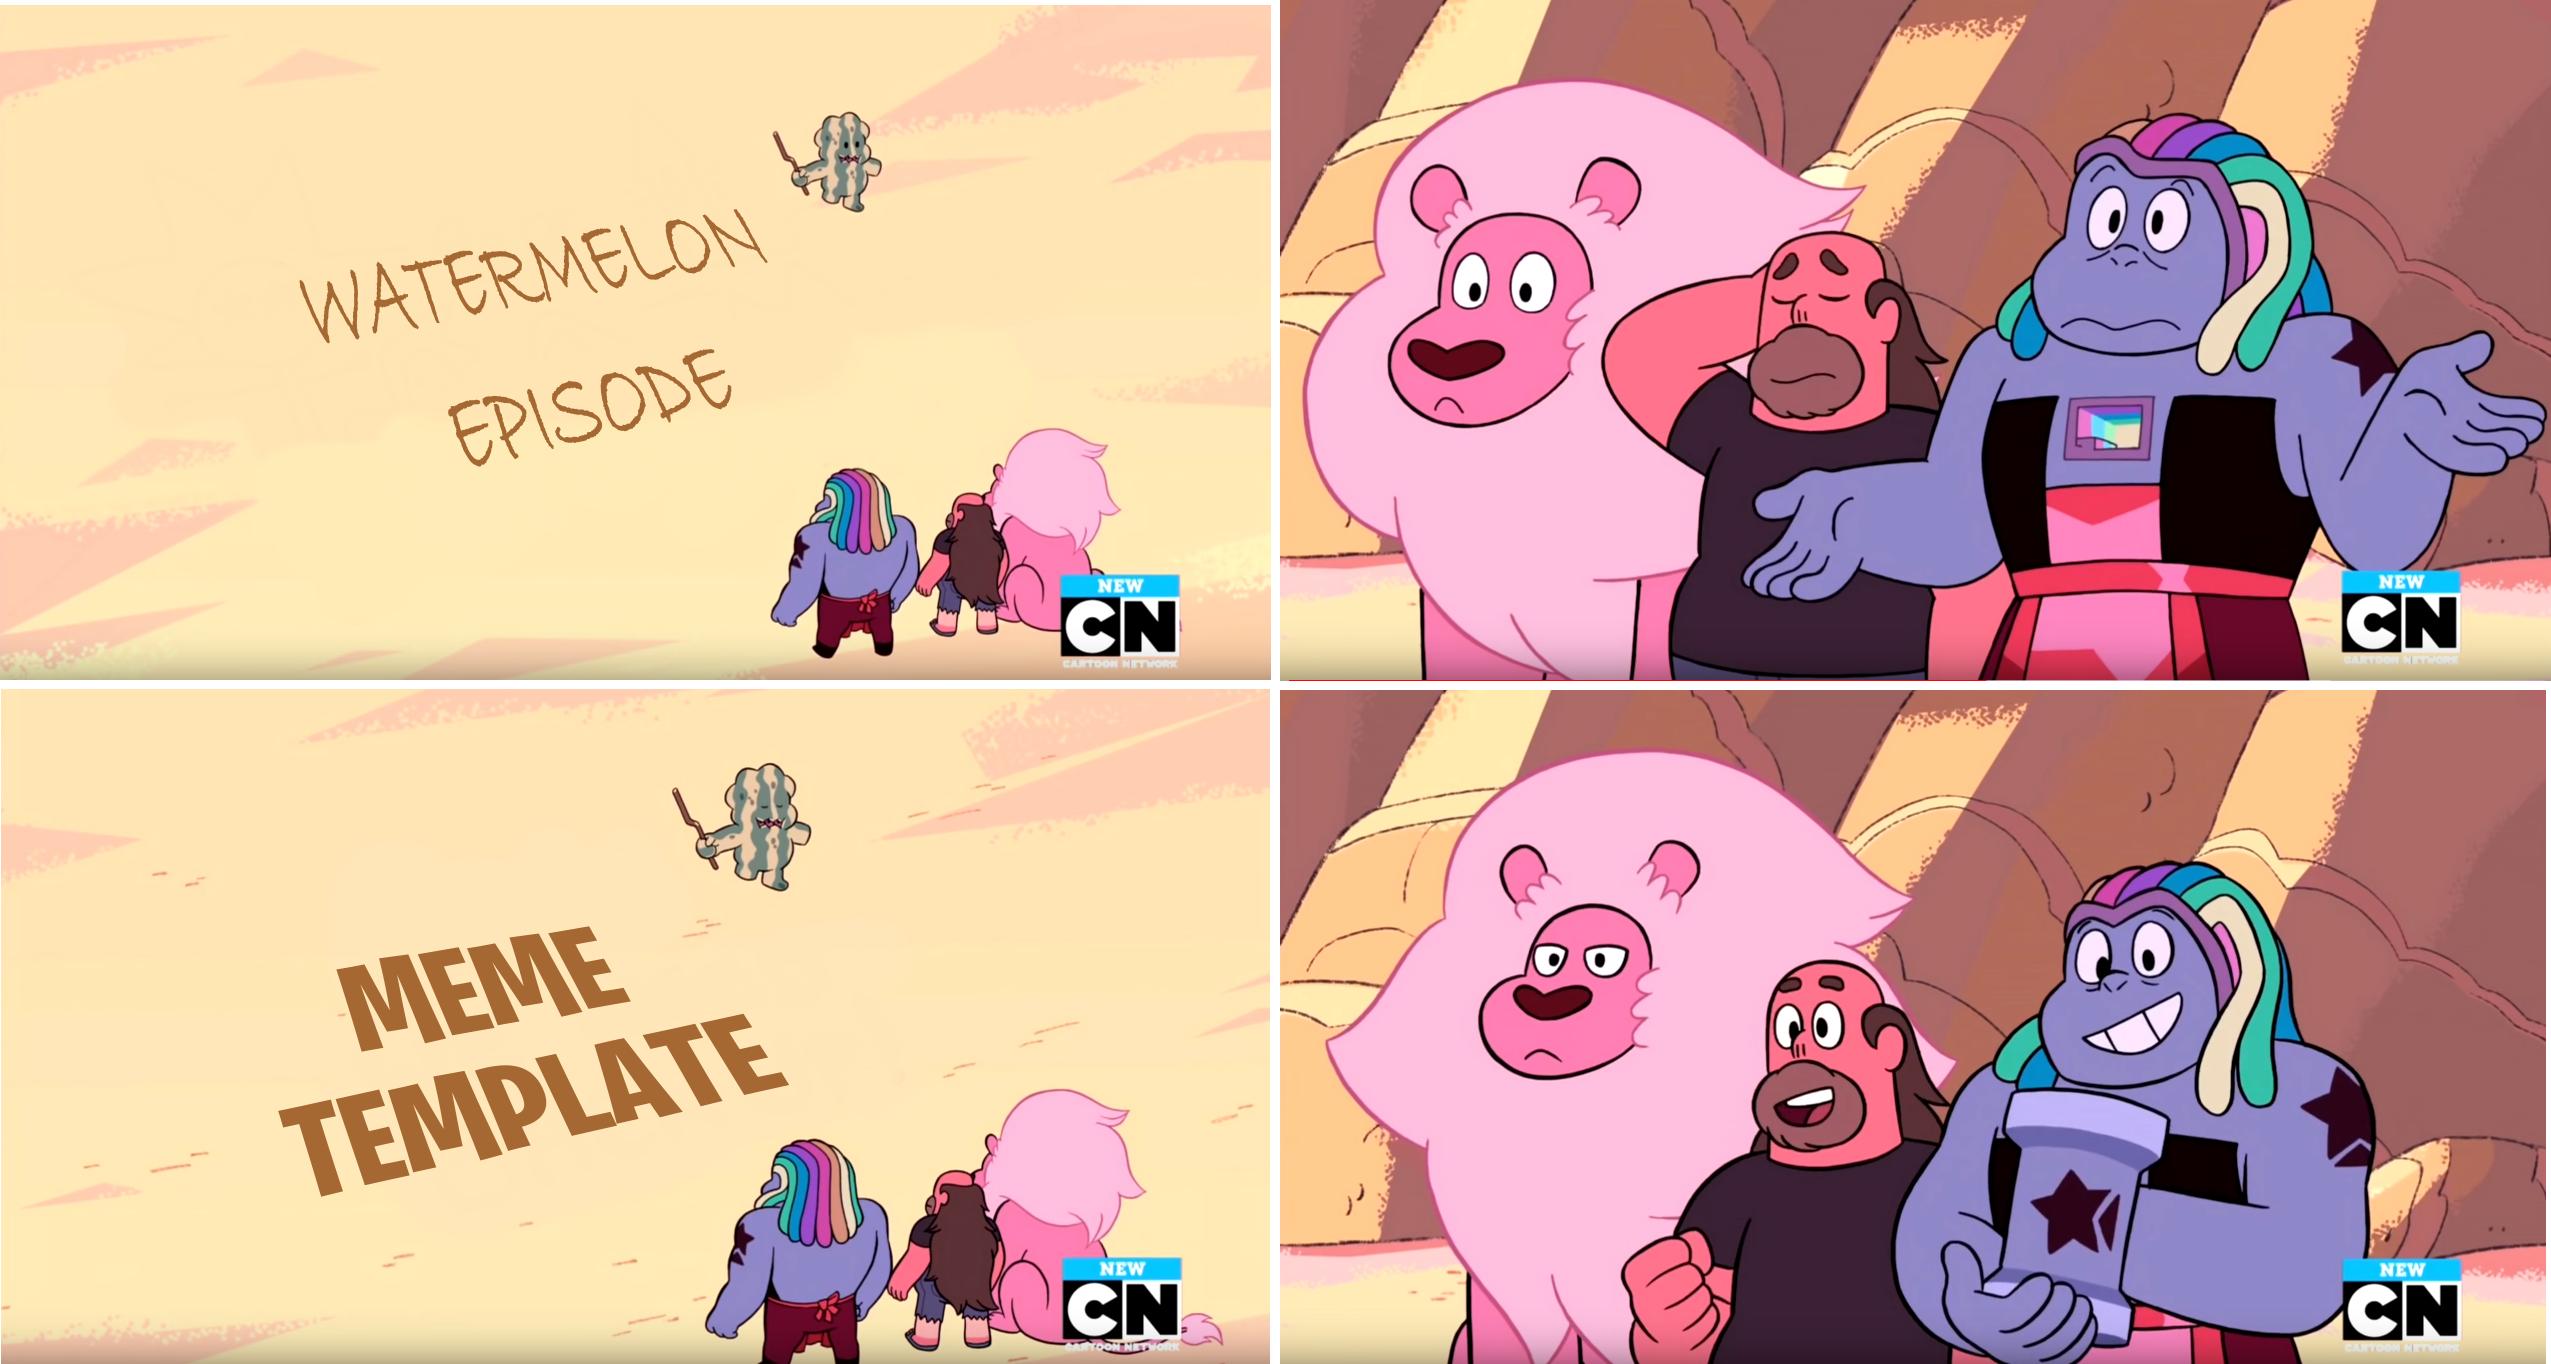 Meme Template | Steven Universe | Know Your Meme